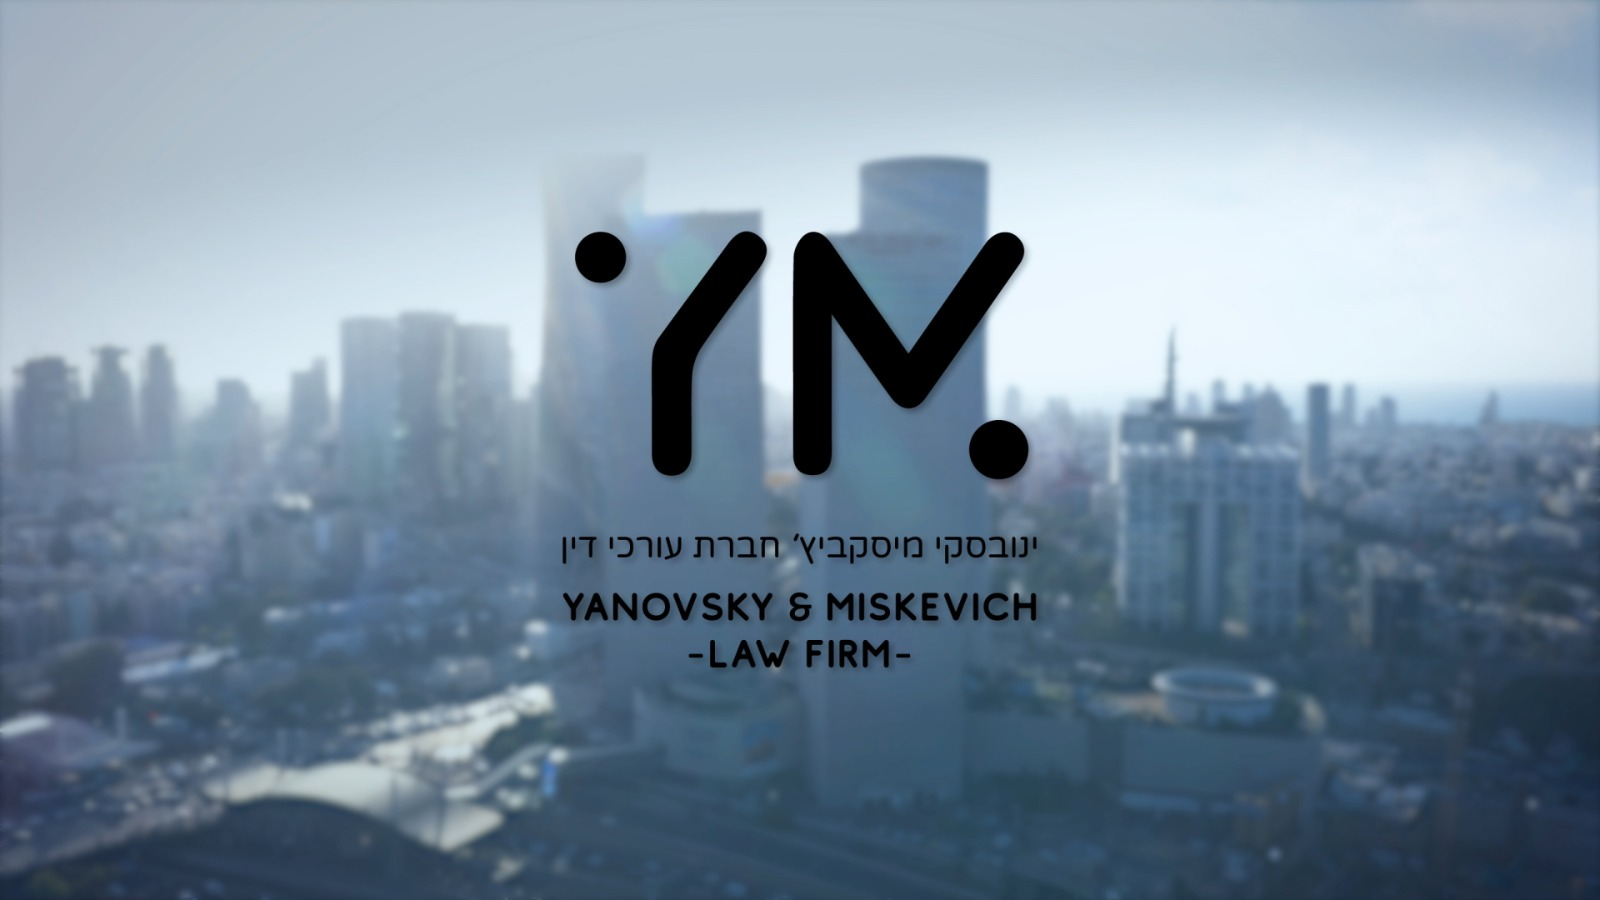 ינובסקי מיסקביץ חברת עורכי דין | סרטון תדמית